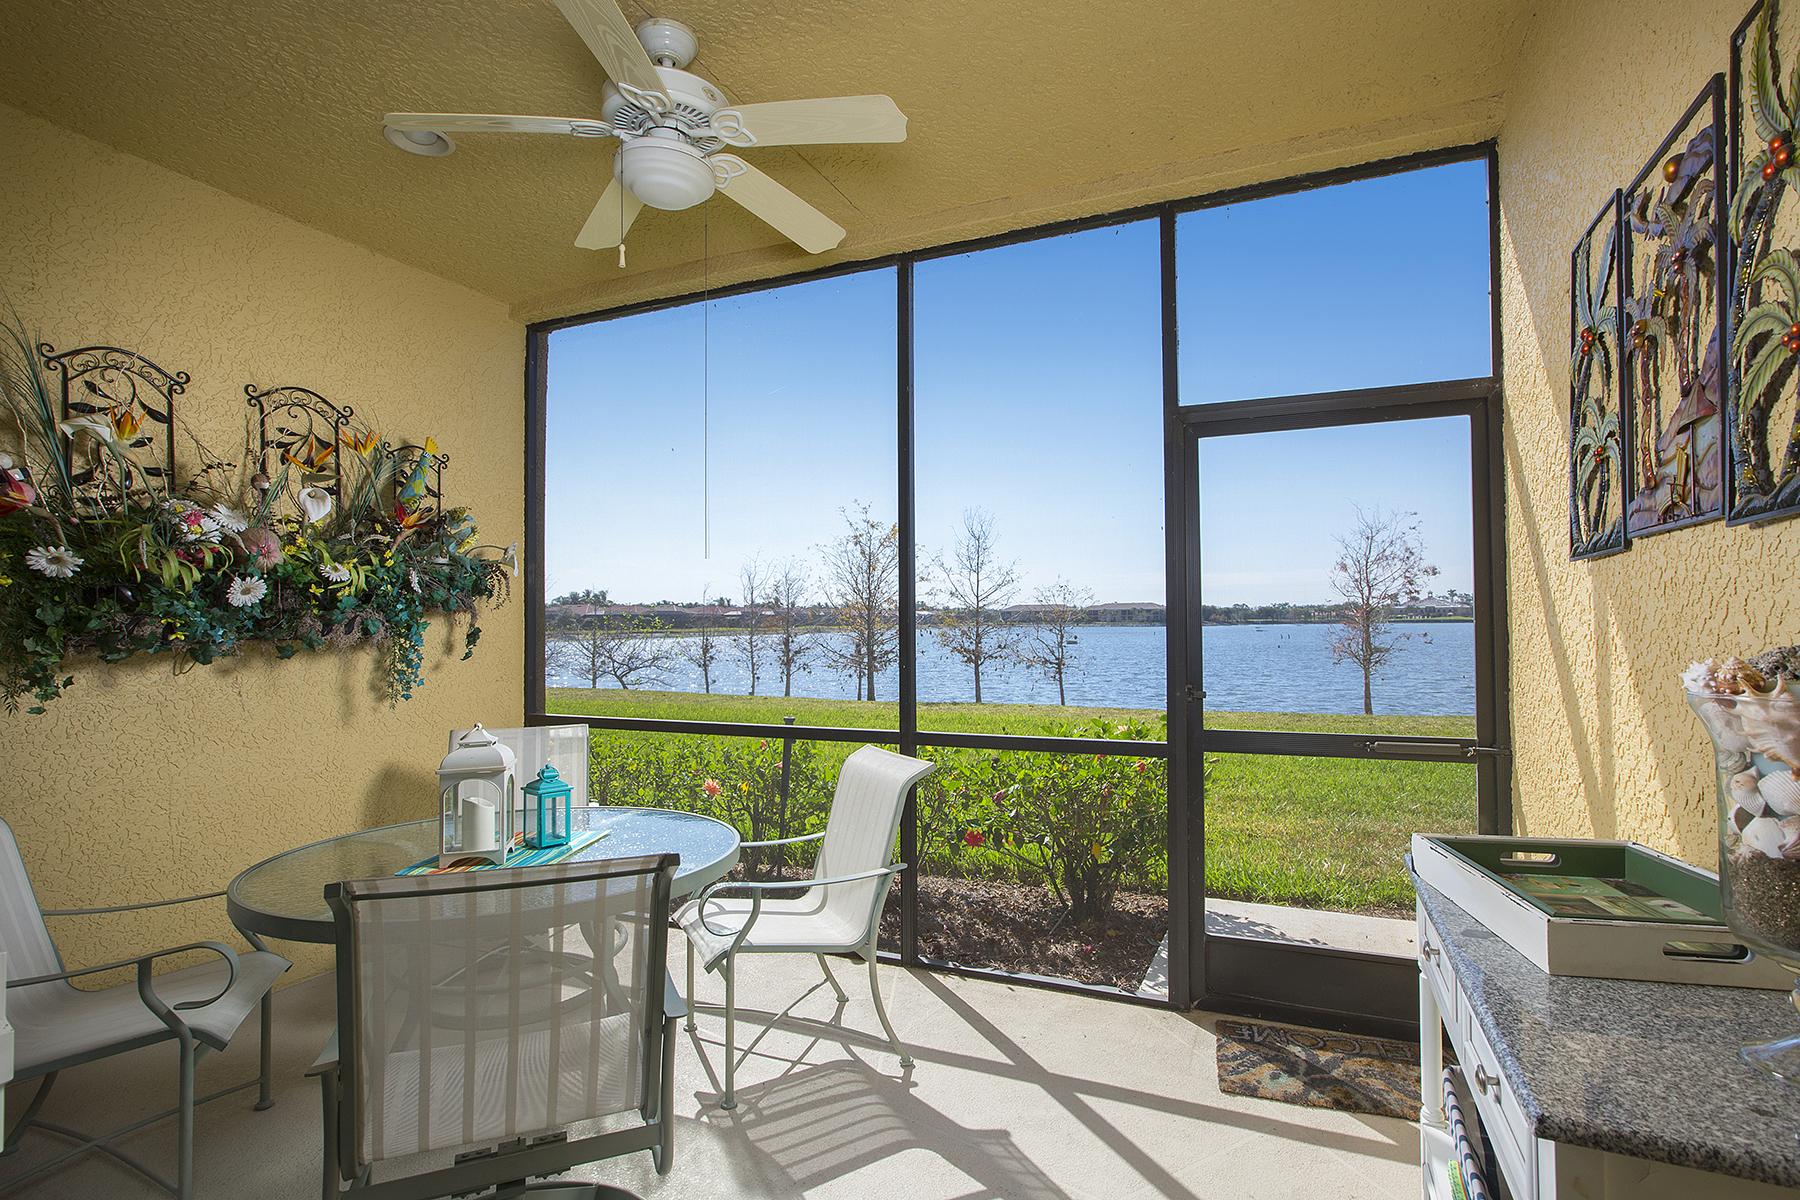 Condominium for Sale at VASARI-MATERA 28424 Altessa Way 104, Bonita Springs, Florida 34135 United States